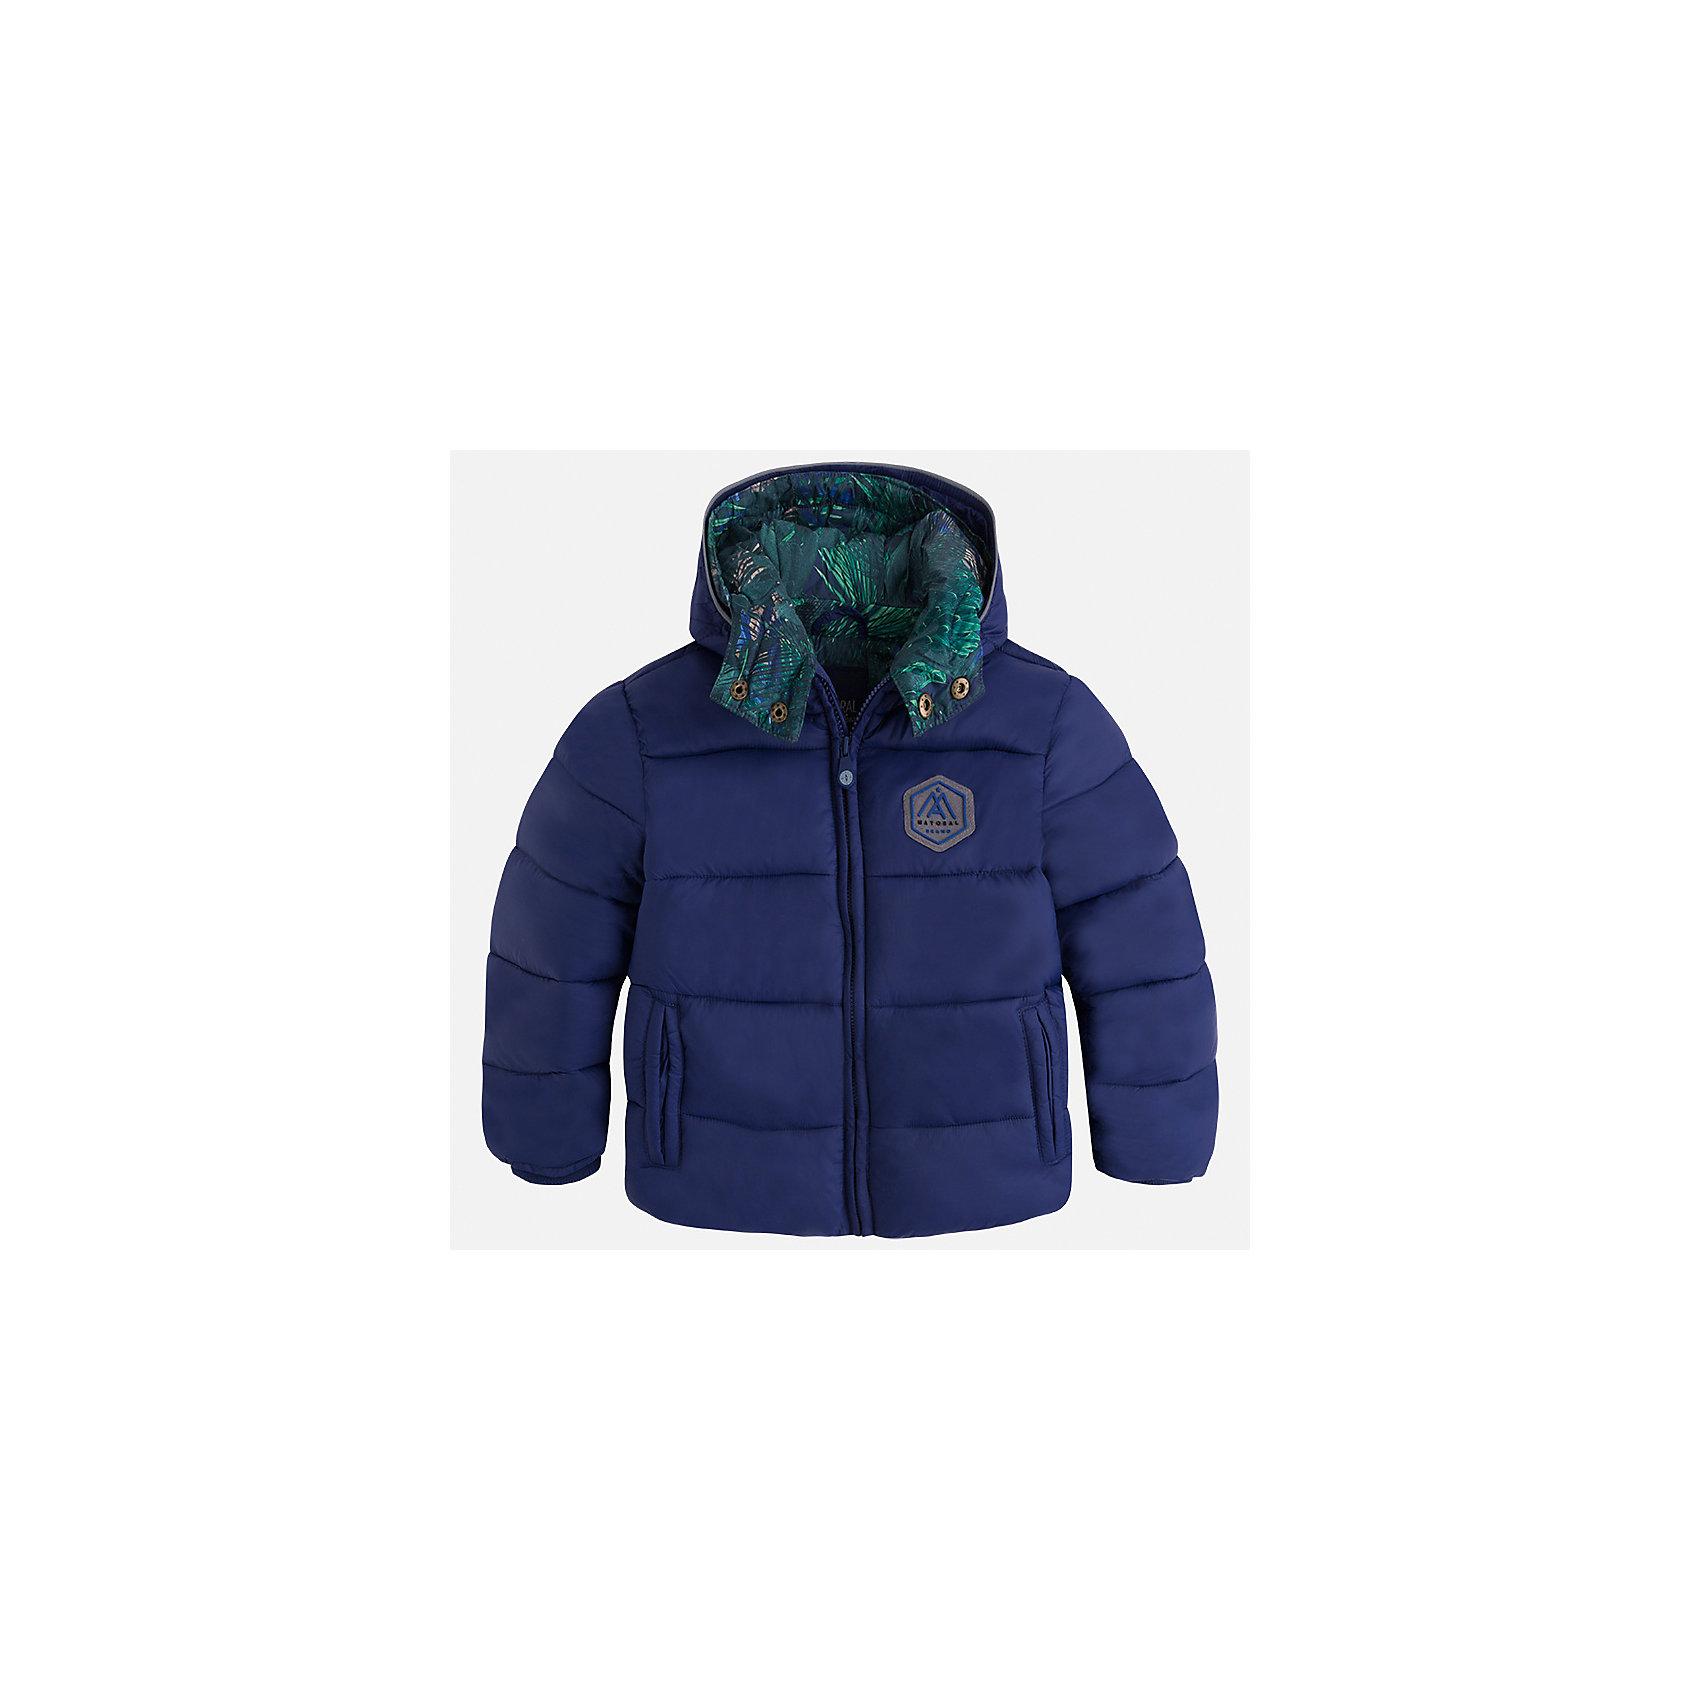 Куртка для мальчика MayoralДемисезонные куртки<br>Характеристики товара:<br><br>• цвет: фиолетовый<br>• состав ткани: 100% полиамид<br>• подкладка: 100% полиэстер<br>• утеплитель: 100% полиэстер<br>• сезон: демисезон<br>• температурный режим: от -10 до +10<br>• особенности куртки: дутая, с капюшоном<br>• капюшон: несъемный<br>• застежка: молния<br>• страна бренда: Испания<br>• страна изготовитель: Индия<br><br>Такая демисезонная детская куртка подойдет для переменной погоды. Отличный способ обеспечить ребенку тепло и комфорт - надеть теплую куртку от Mayoral. Детская куртка сшита из приятного на ощупь материала. Куртка для мальчика Mayoral дополнена теплой подкладкой.<br><br>Куртку для мальчика Mayoral (Майорал) можно купить в нашем интернет-магазине.<br><br>Ширина мм: 356<br>Глубина мм: 10<br>Высота мм: 245<br>Вес г: 519<br>Цвет: лиловый<br>Возраст от месяцев: 96<br>Возраст до месяцев: 108<br>Пол: Мужской<br>Возраст: Детский<br>Размер: 134,92,98,104,110,116,122,128<br>SKU: 6934760